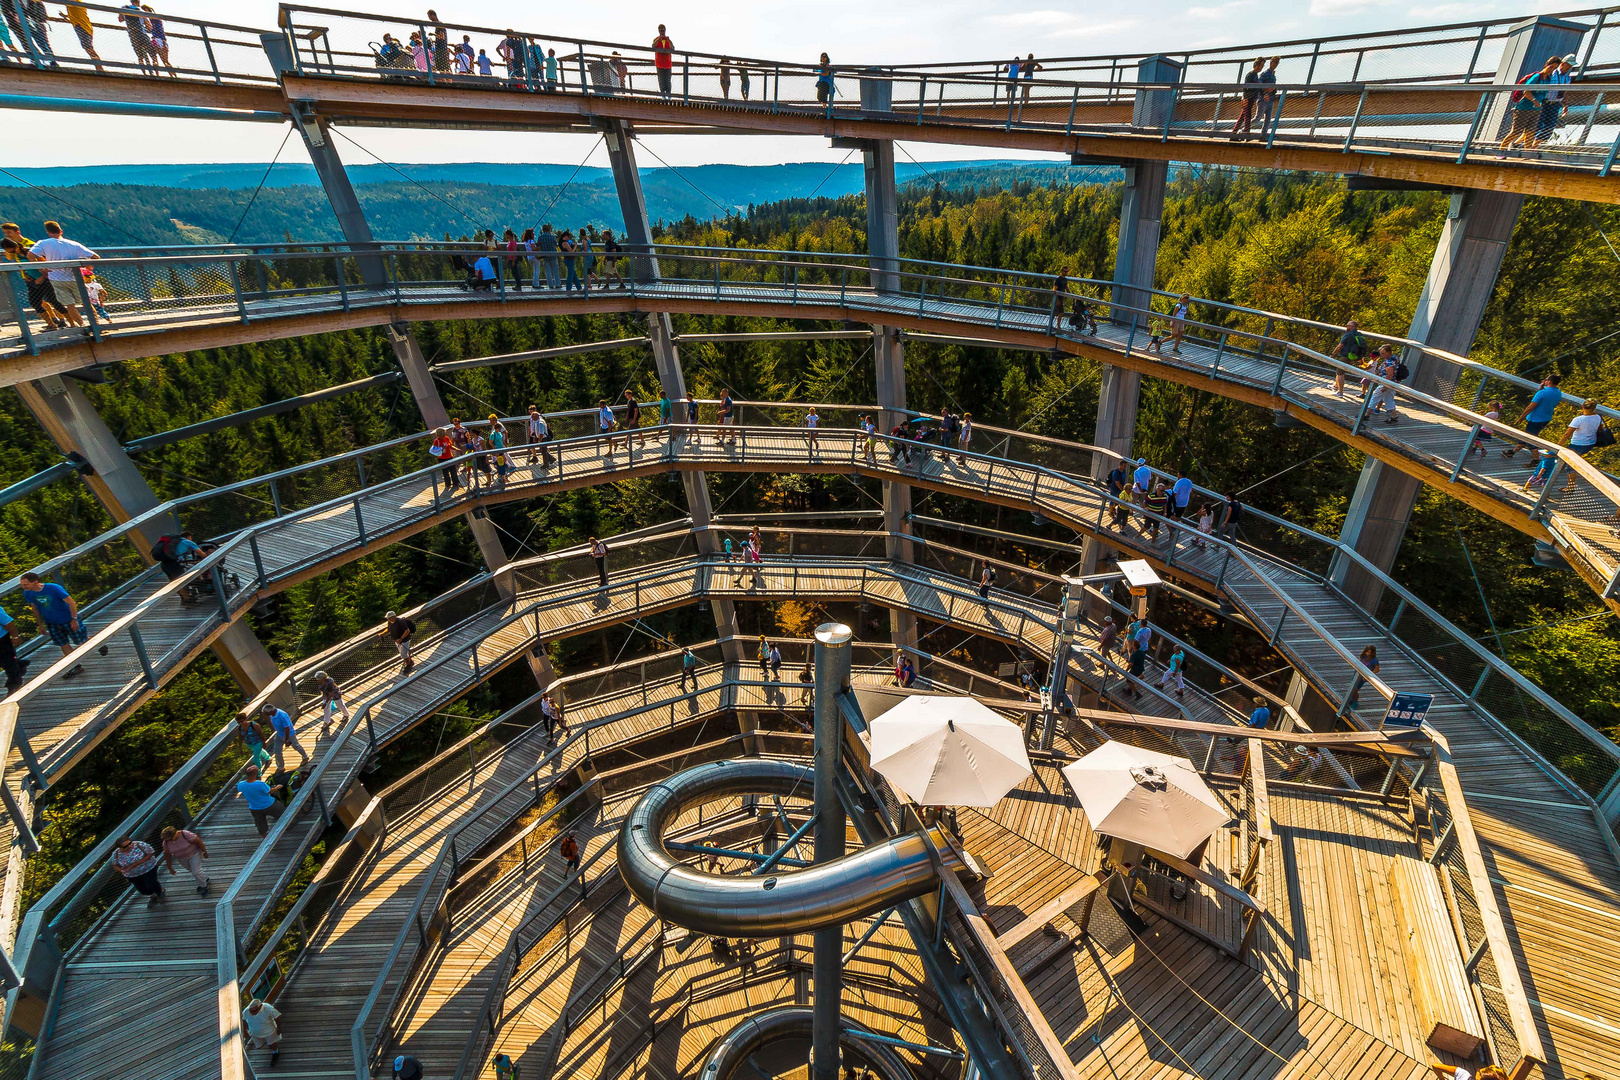 Bad Wildbad Aussichtsturm